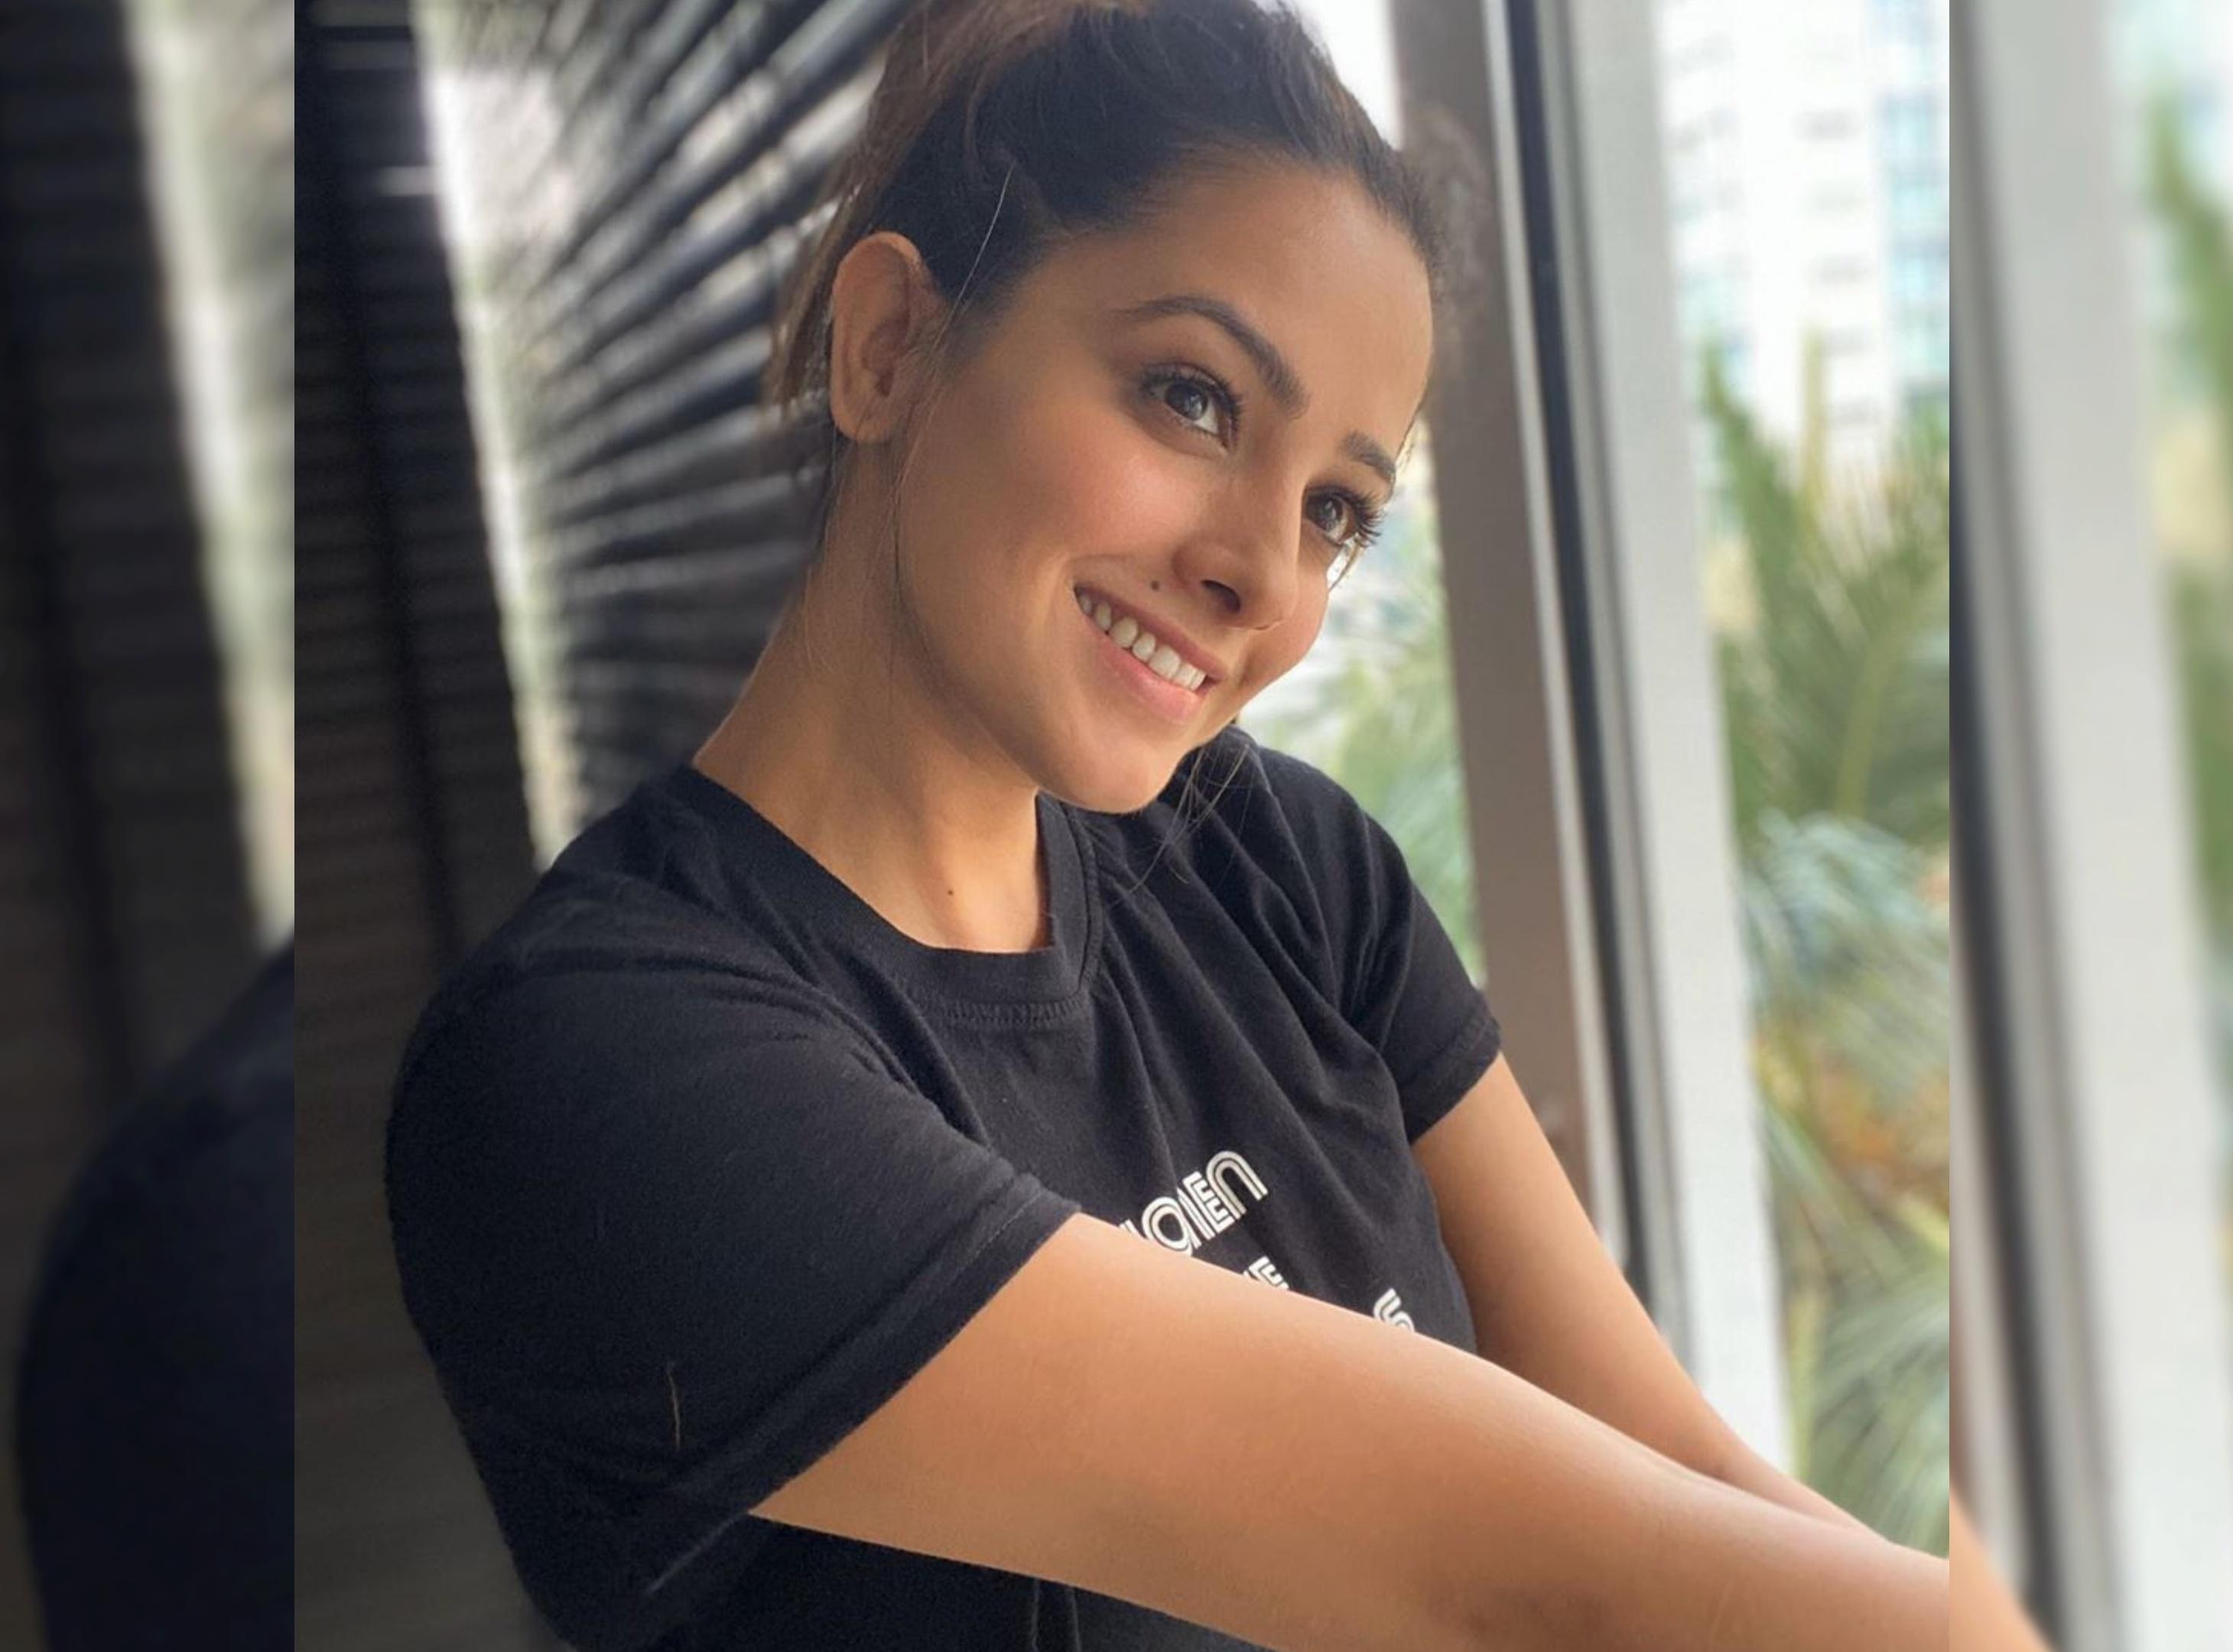 मजेदार हैं अनीता हसनंदानी के टिक-टॉक वीडियोज, कोरोनावायरस को भगाने के लिए लगा रही हैं नारे|टीवी,TV - Dainik Bhaskar